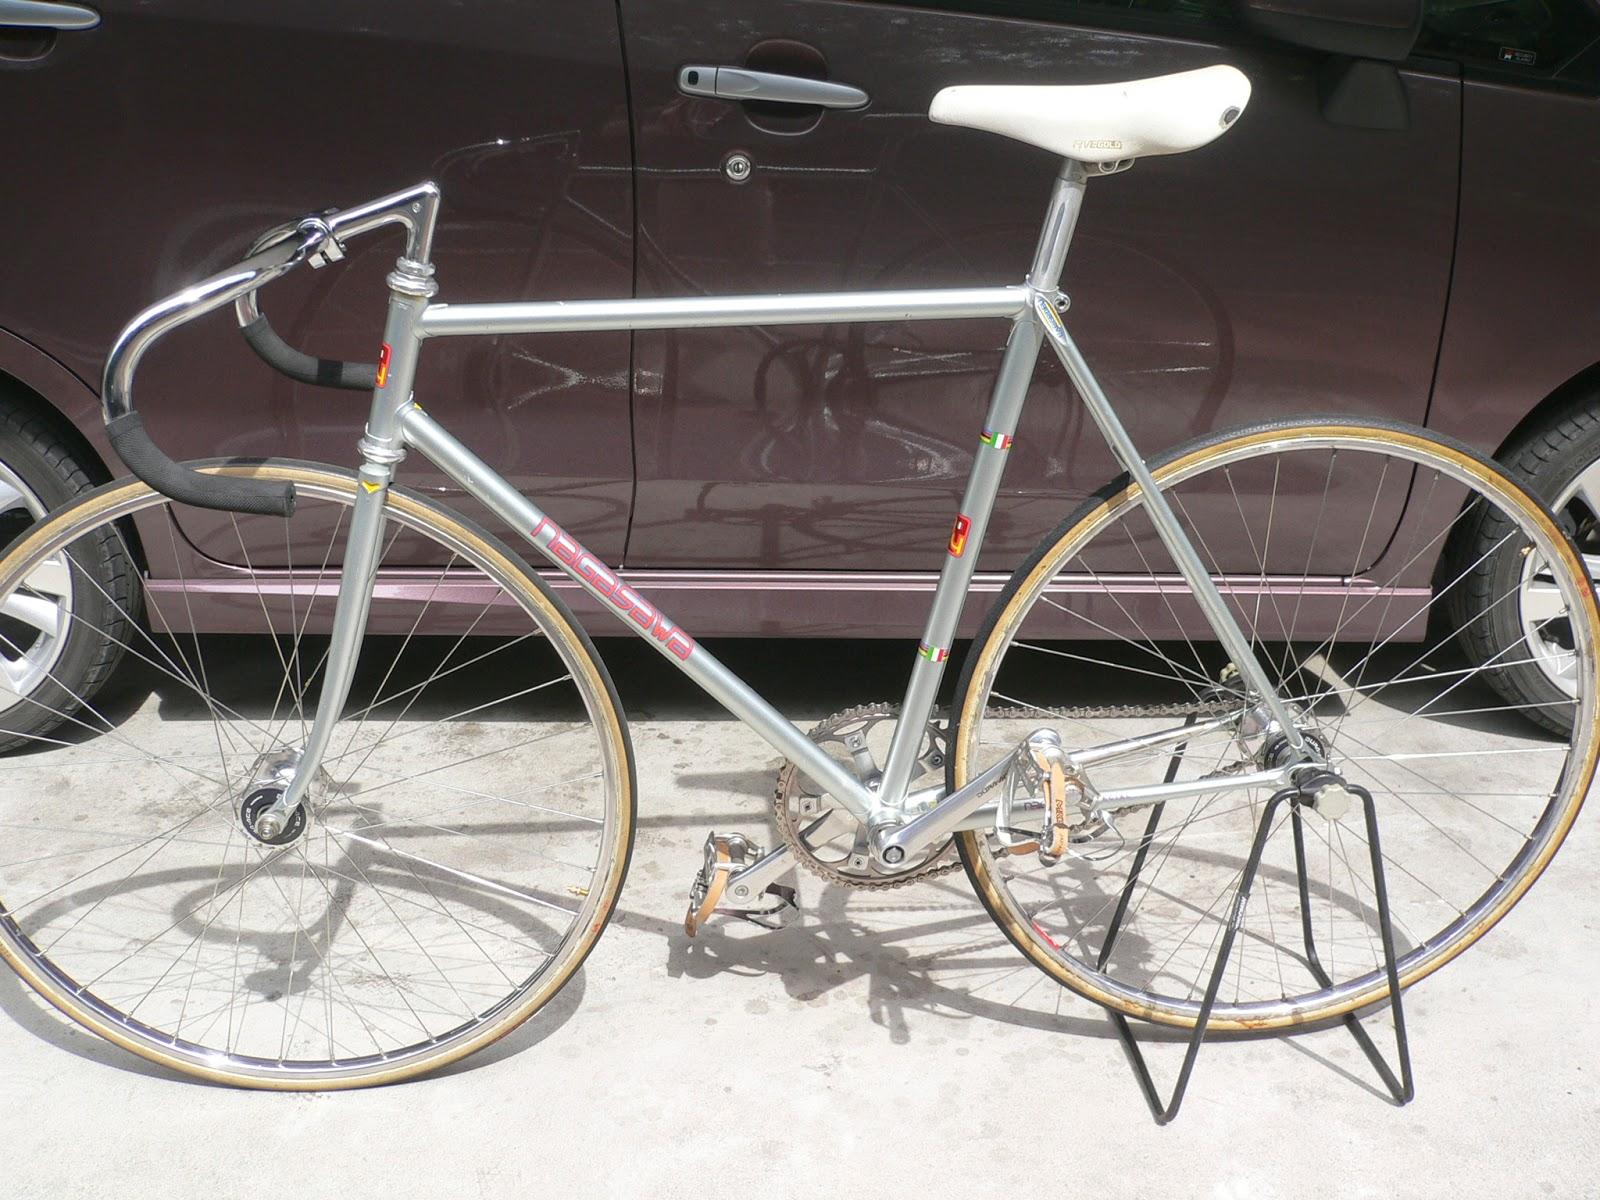 Njs Keirin Track Bike Frame For Sell